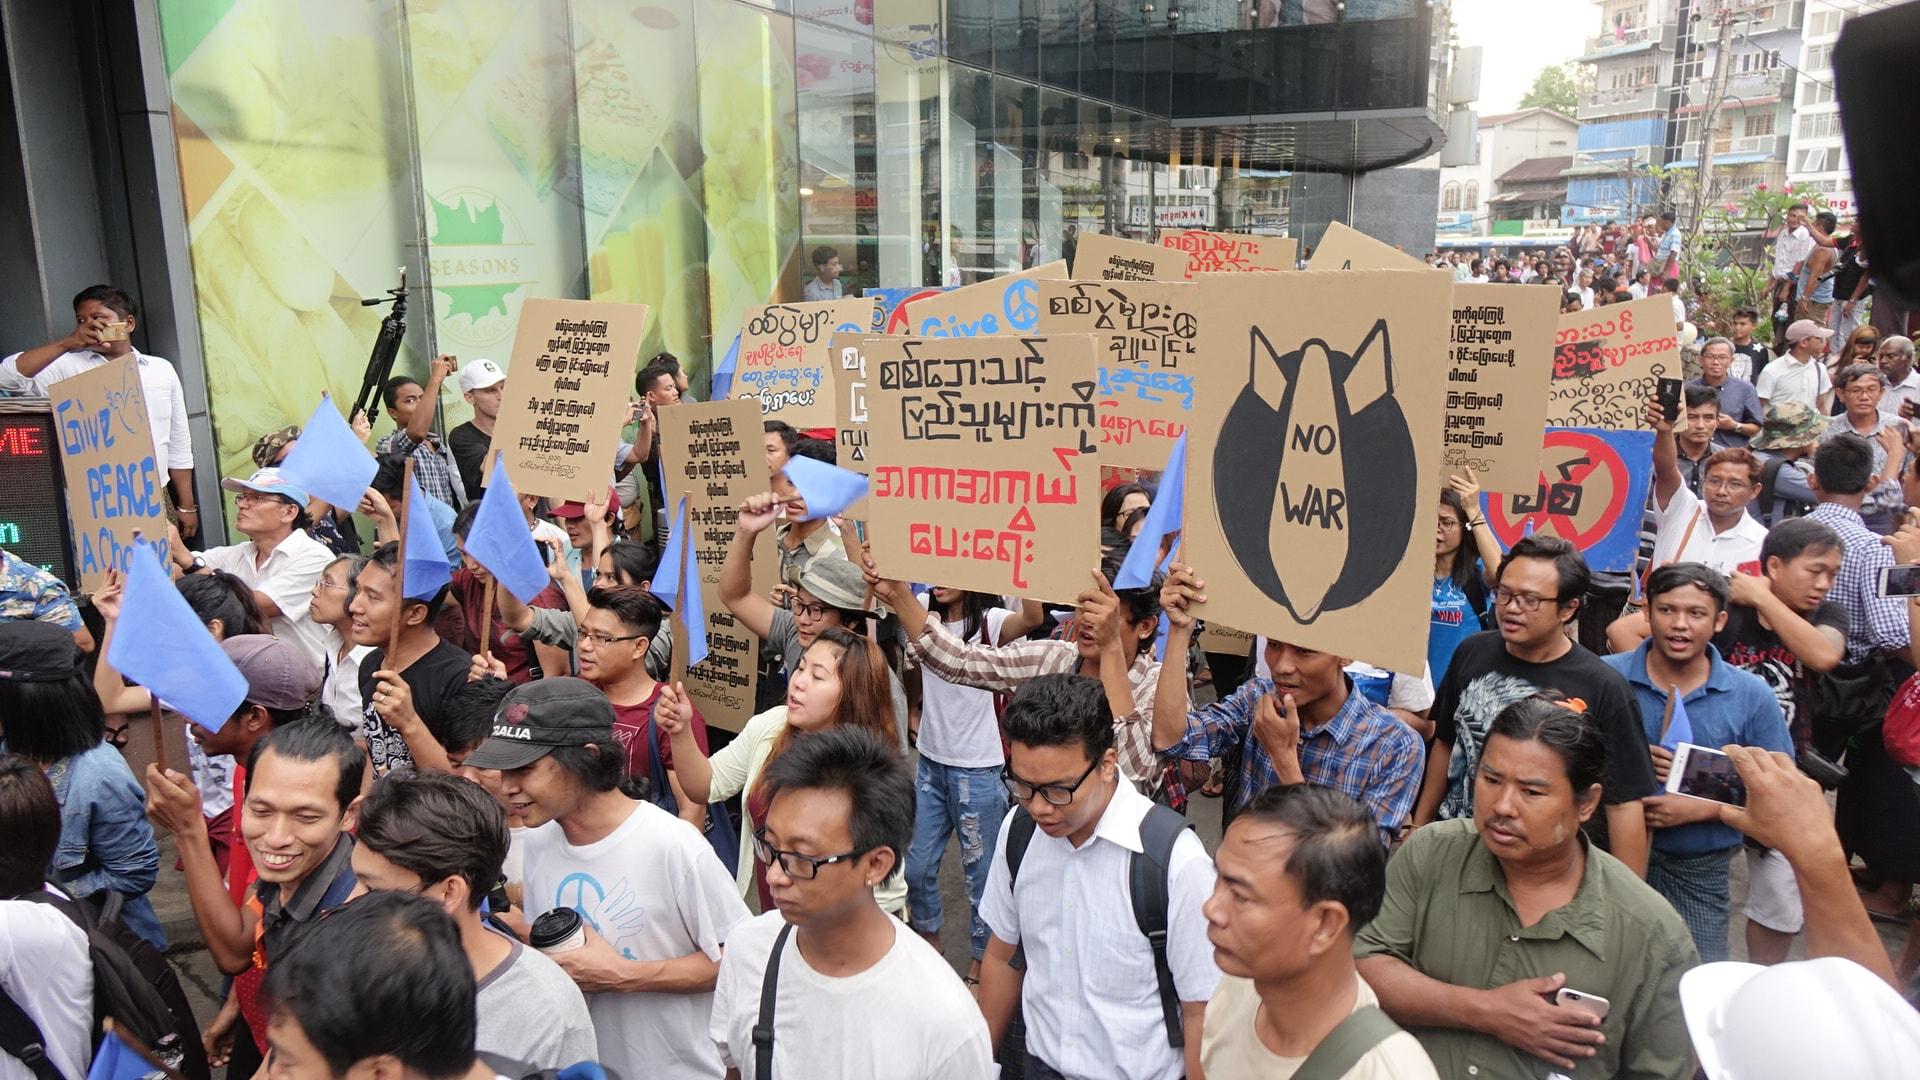 Riot police break up anti-war protest in Yangon